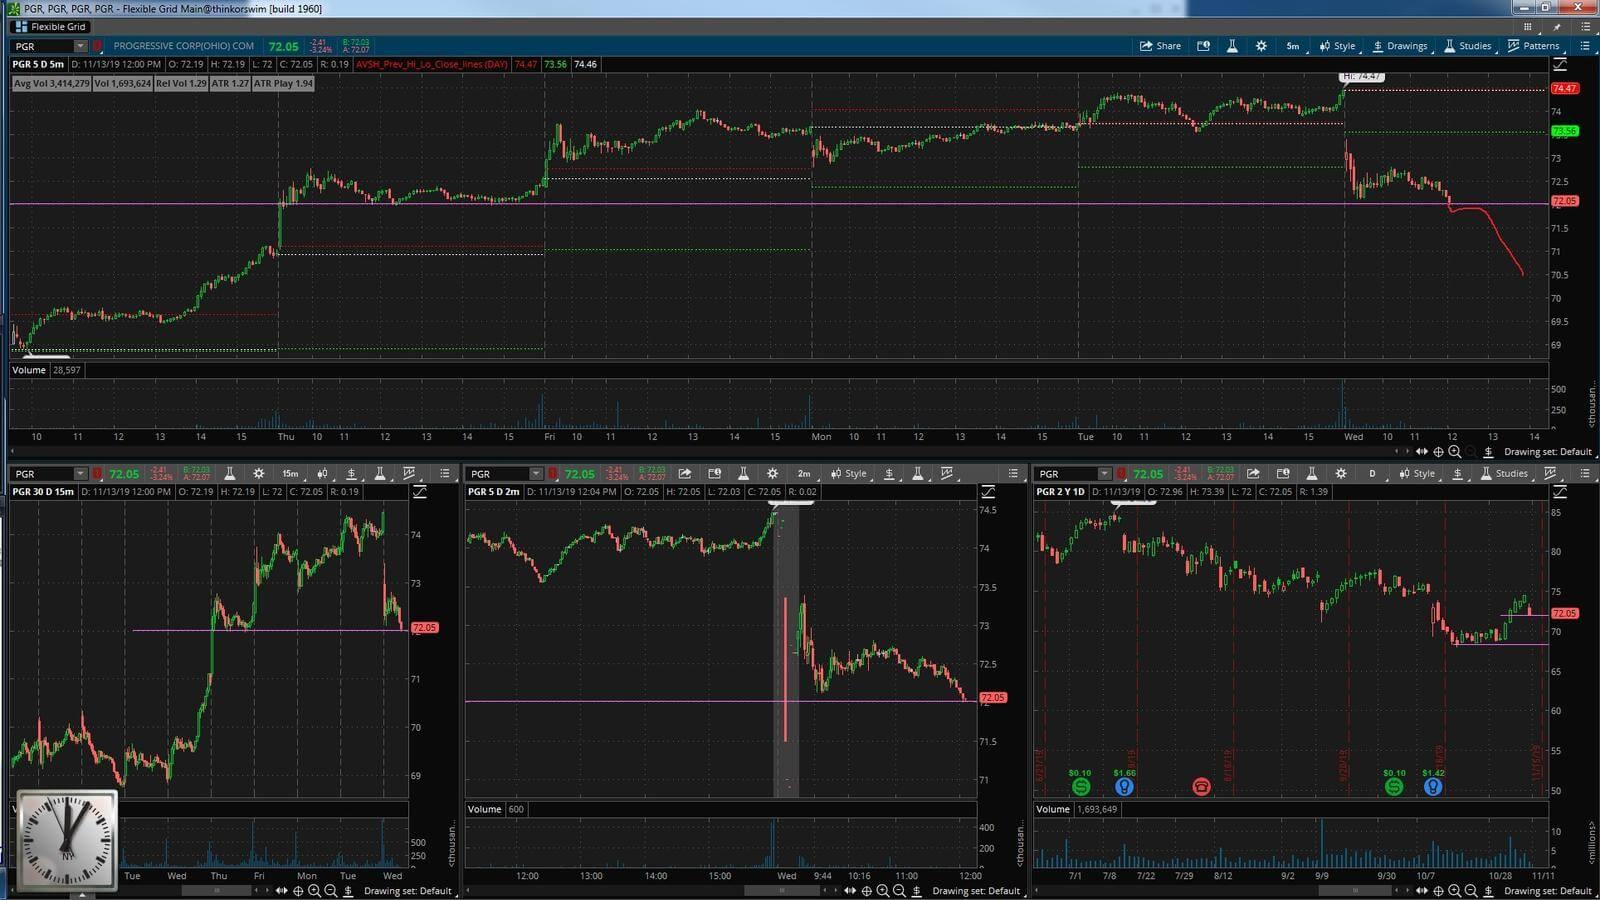 PGR - график акции на фондовой бирже